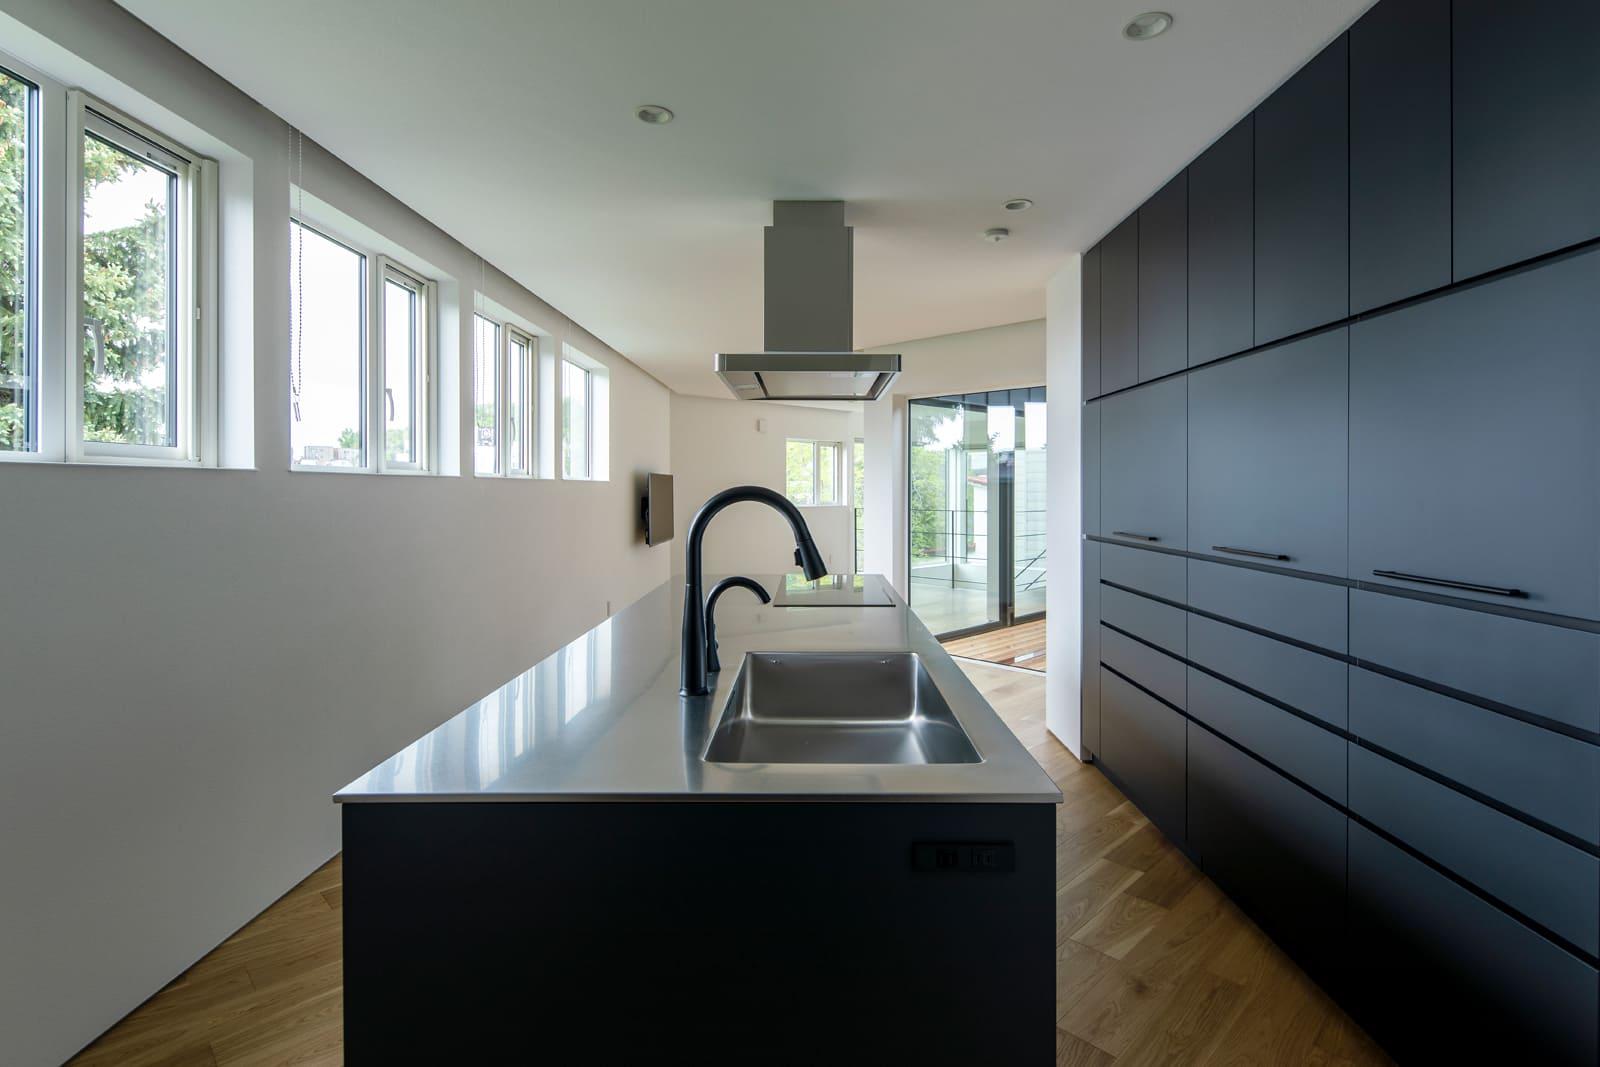 敷地形状に合わせ斜めに配置したアイランドキッチンは、家電類も背面収納に収めてすっきり。つや消しの黒で統一したキッチンは、蛇口も黒に